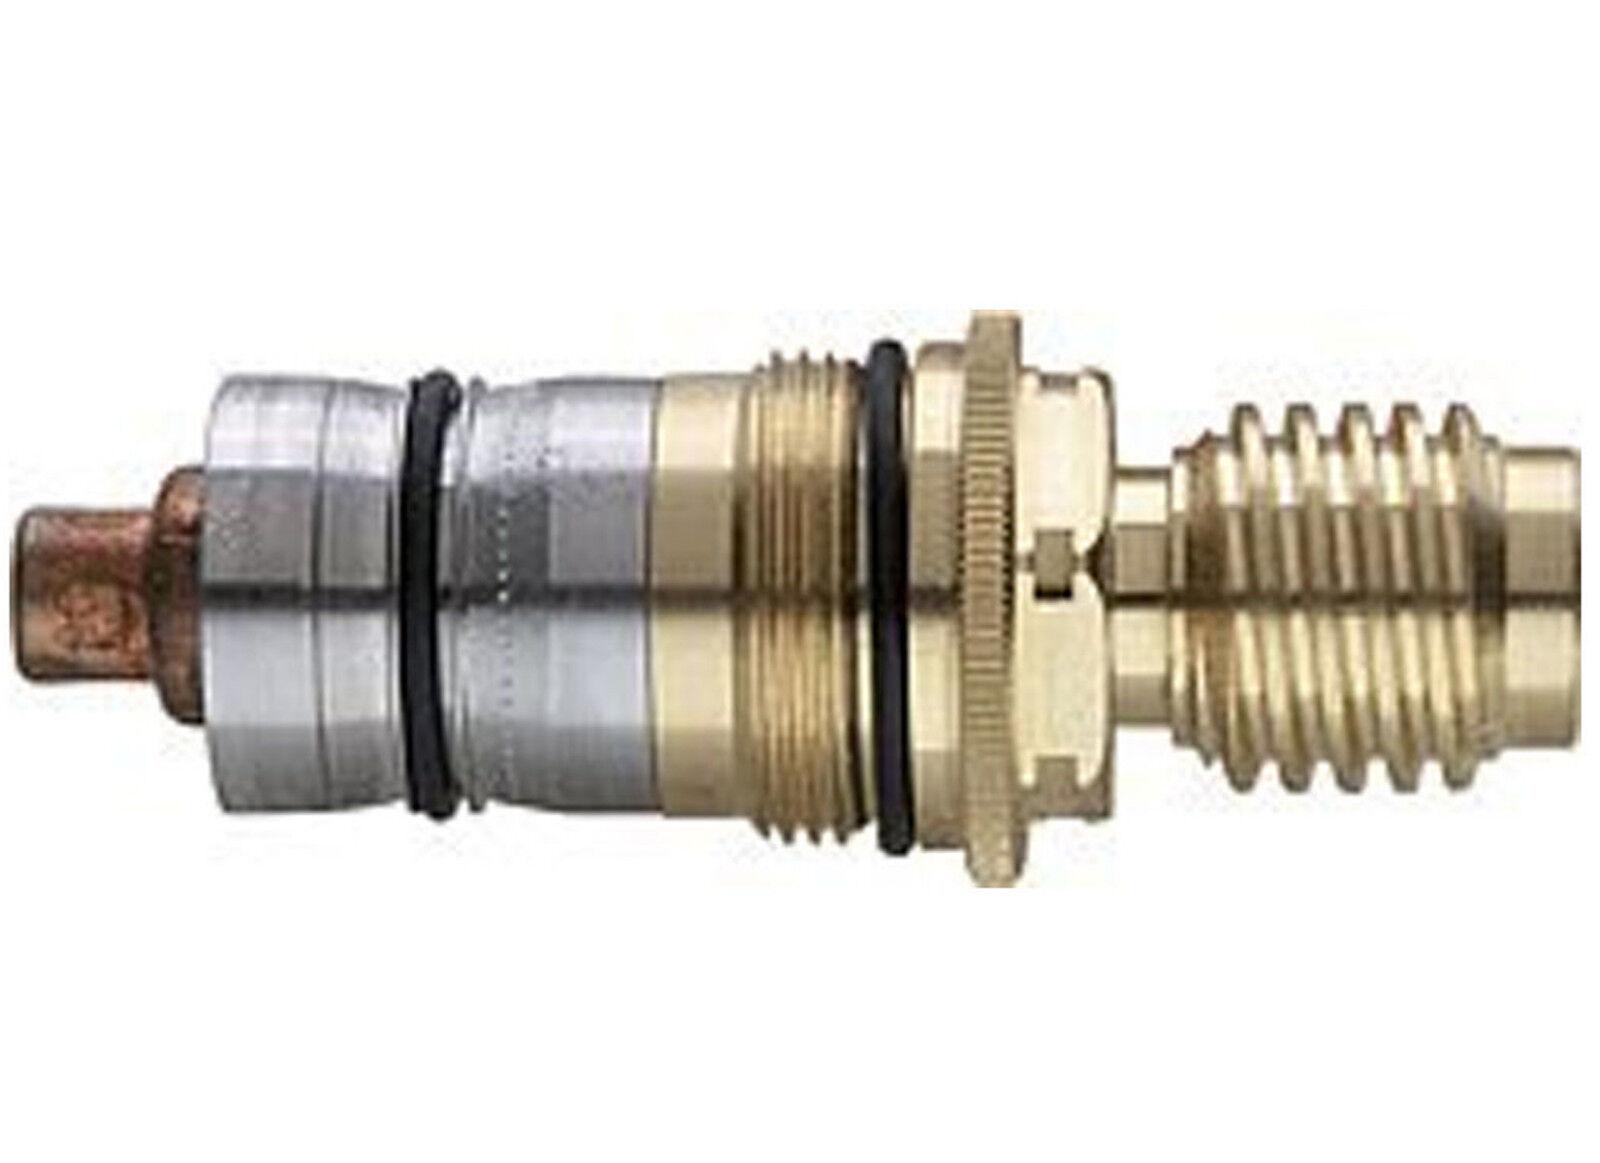 Friedrich Grohe Dehnstoff Thermoelement 1 2  Grohtherm Temperaturregler 47450000 | Ausgezeichnete Qualität  | Niedrige Kosten  | Modisch  | Viele Sorten